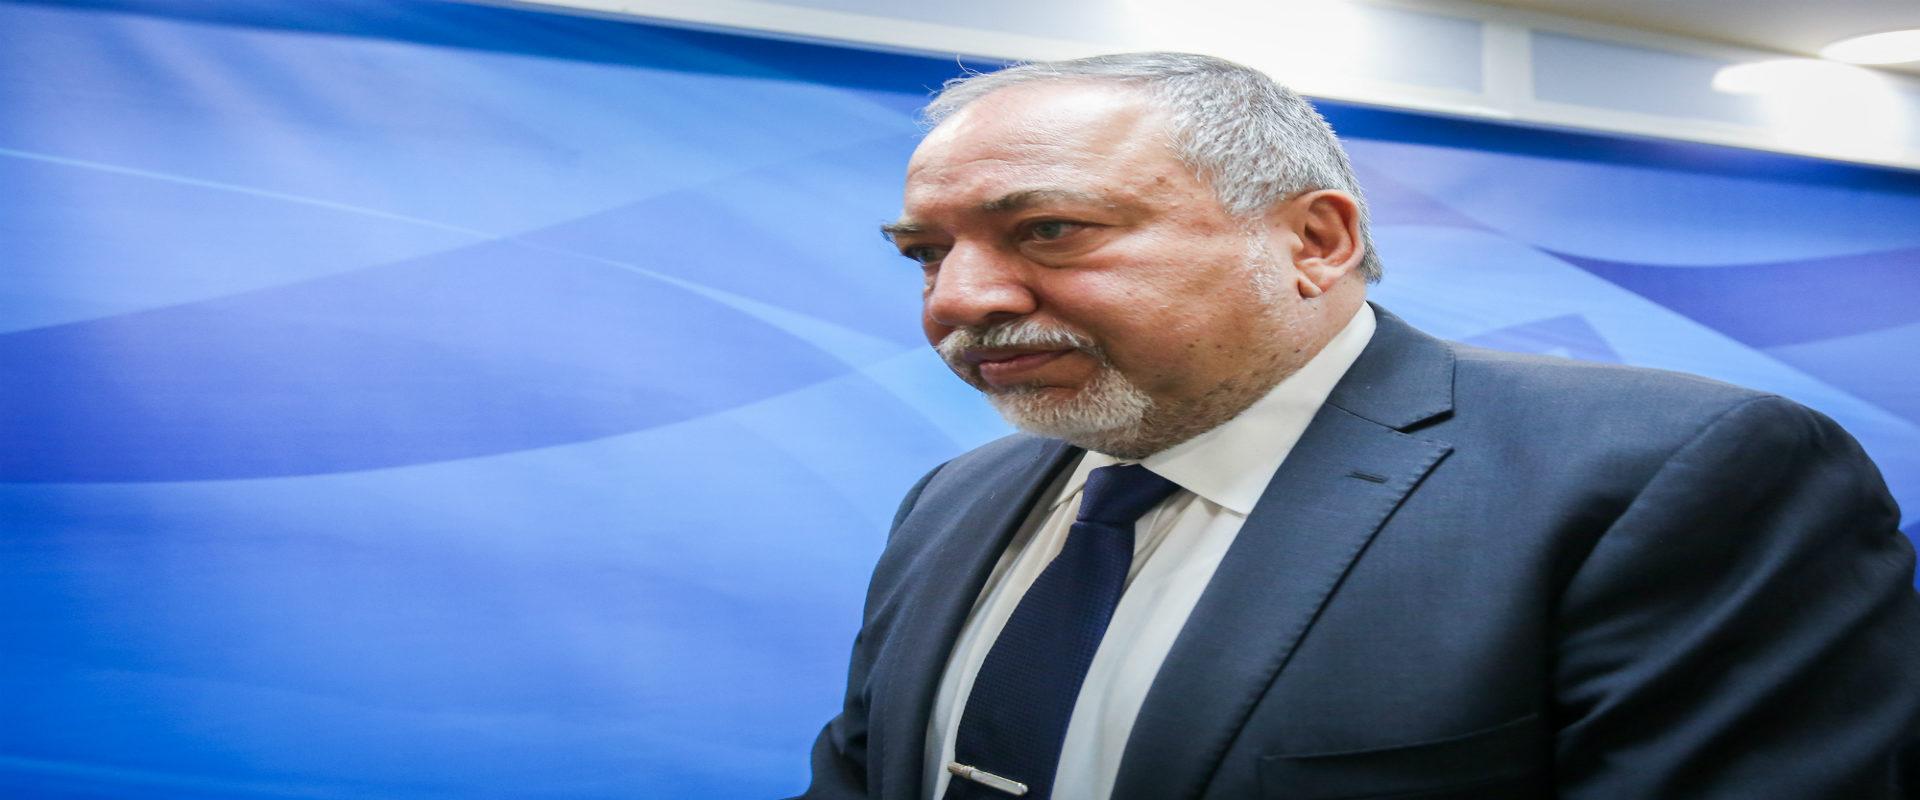 שר הביטחון אביגדור ליברמן בכניסה לפגישת קבינט, יונ